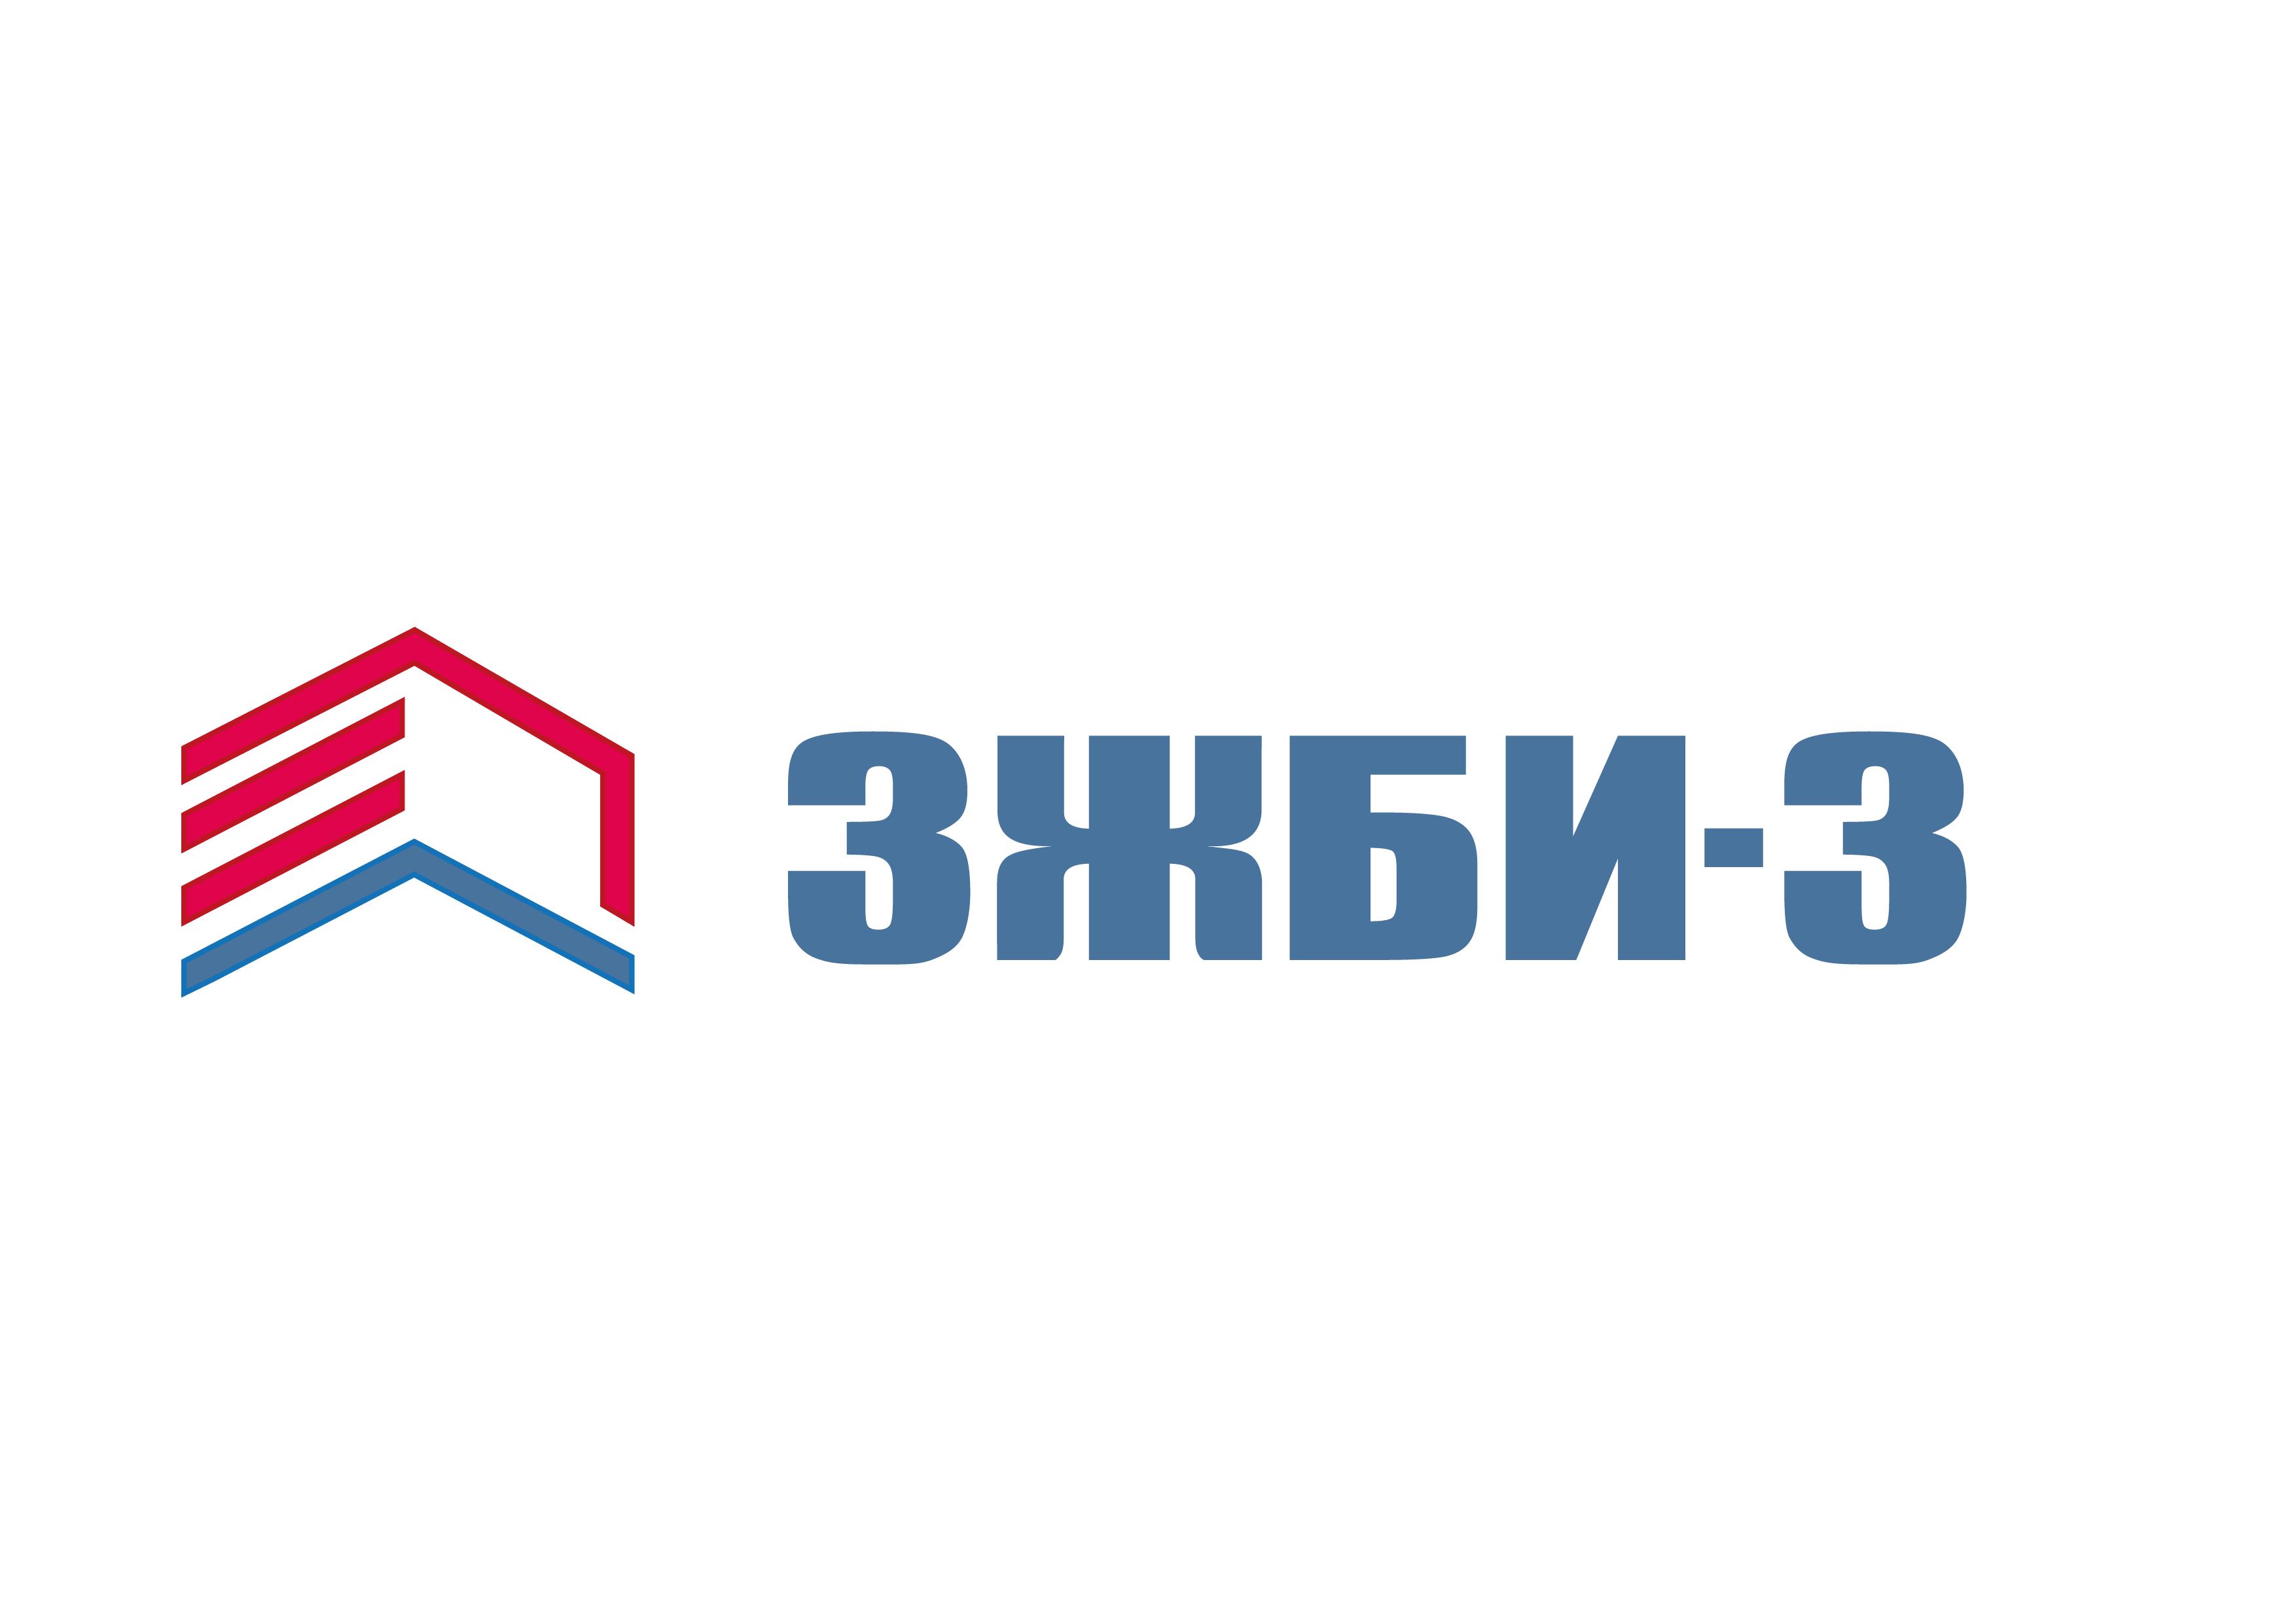 Разработка логотипа и фирменный стиль фото f_979596fbb629603b.jpg